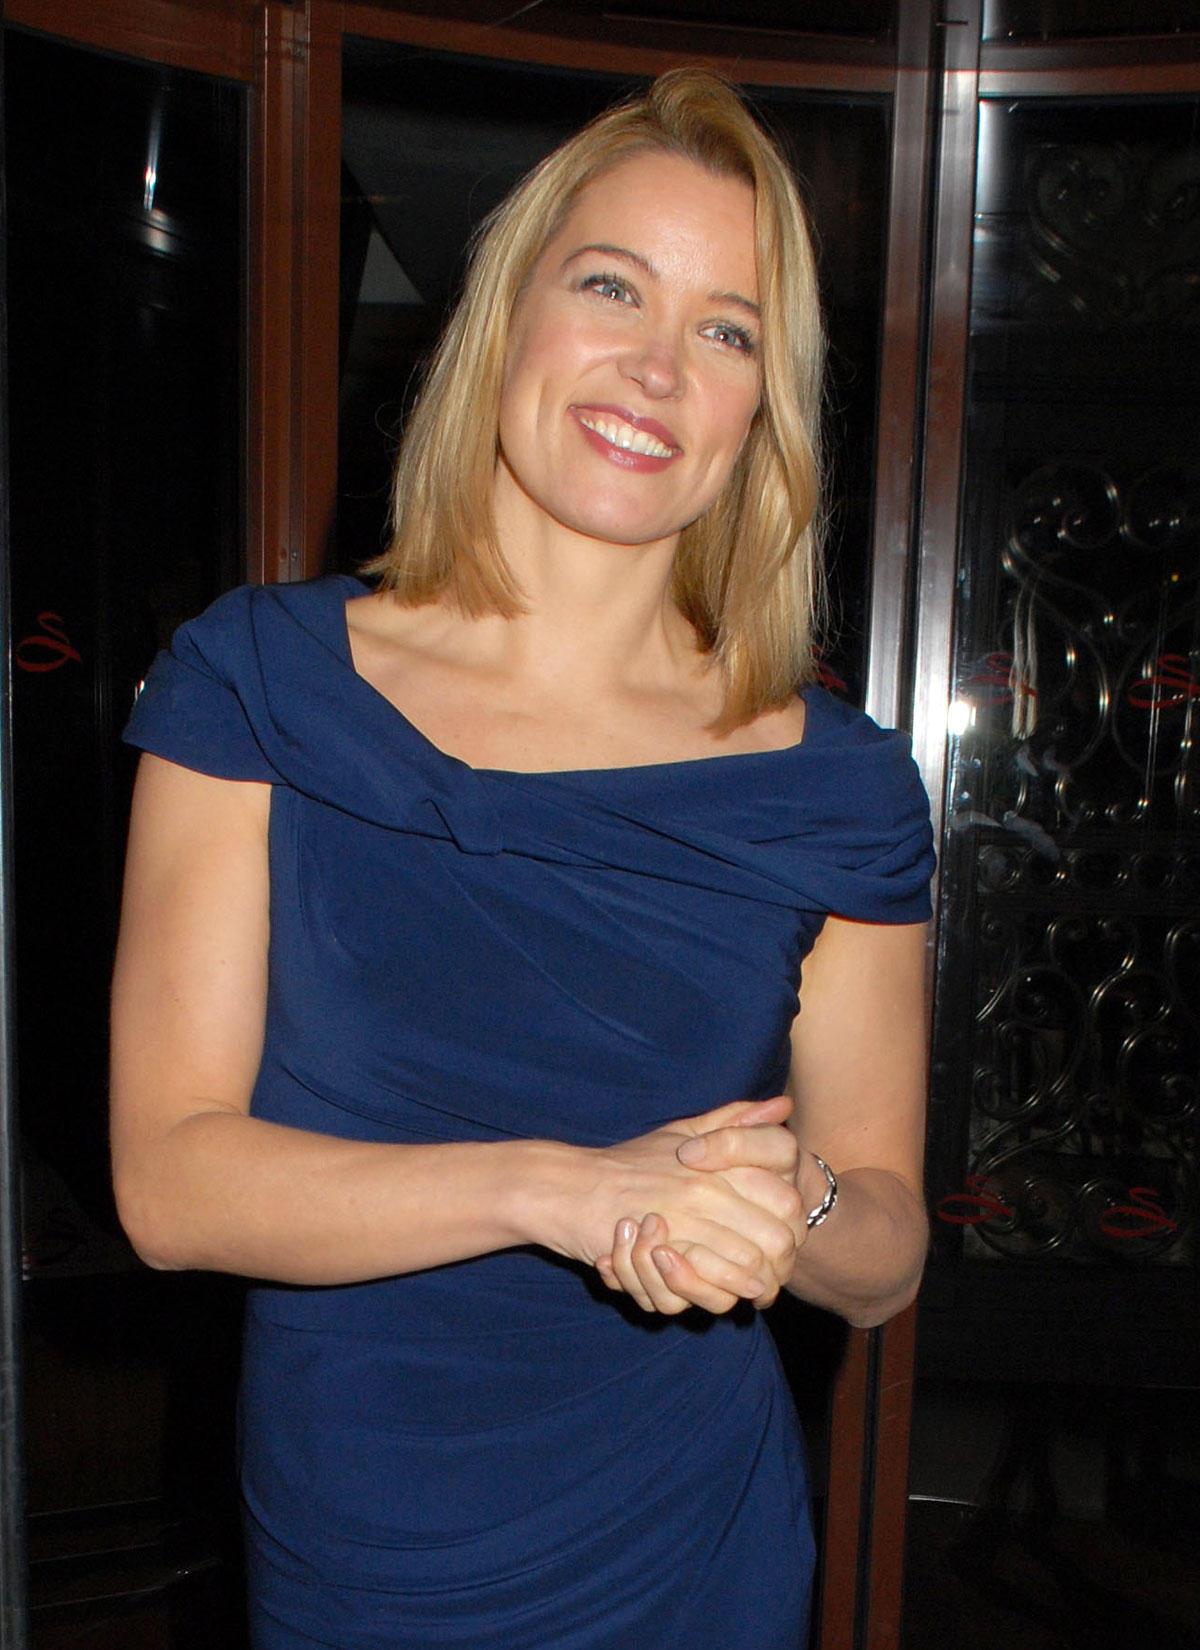 Food-Coach Amanda Hamilton hat detailliert verraten, wie sie Prominenten wie Kate Moss geholfen hat, abzunehmen. Sie schwört auf eine entgiftende Ernährungsweise.